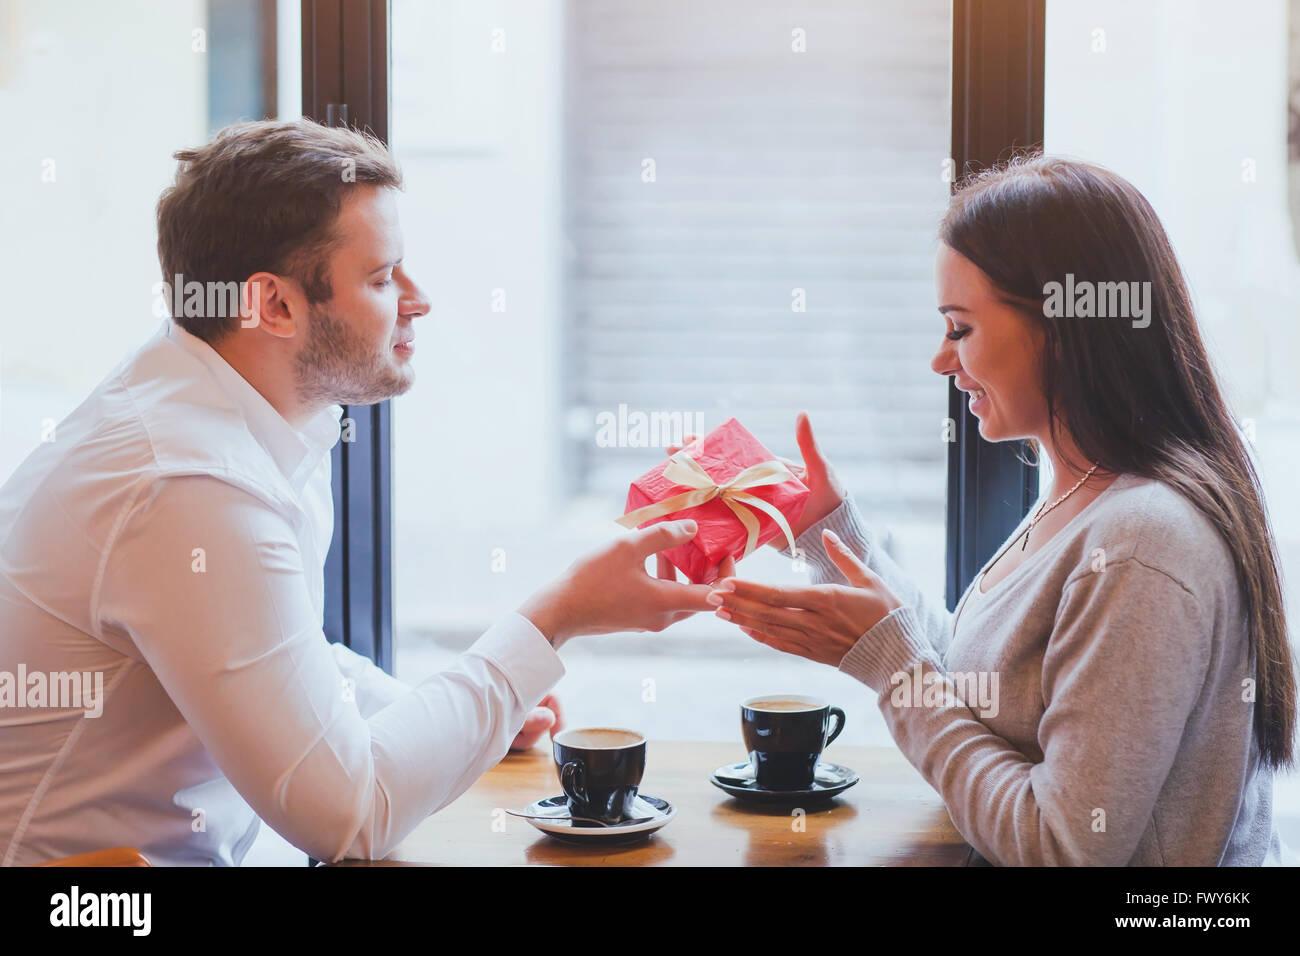 El hombre y la mujer, regalo romántico dating Imagen De Stock